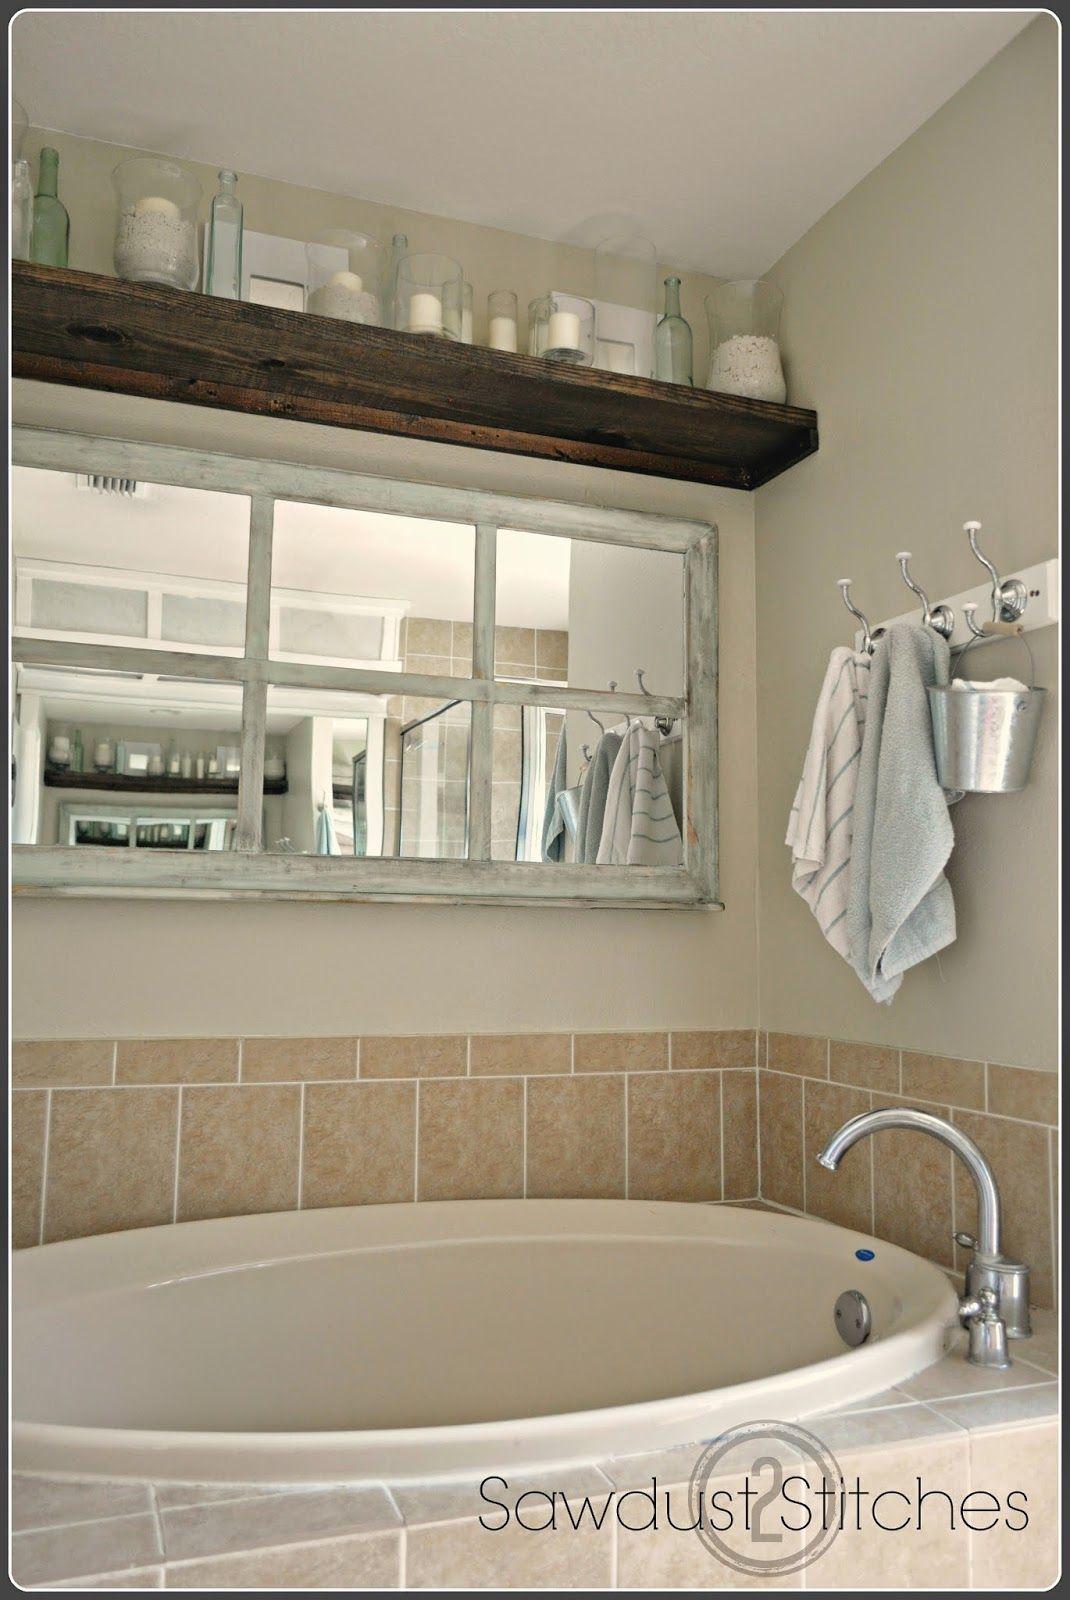 Window Framed Mirror Sawdust 2 Stitches Bathtub Decor Home Amazing Bathrooms